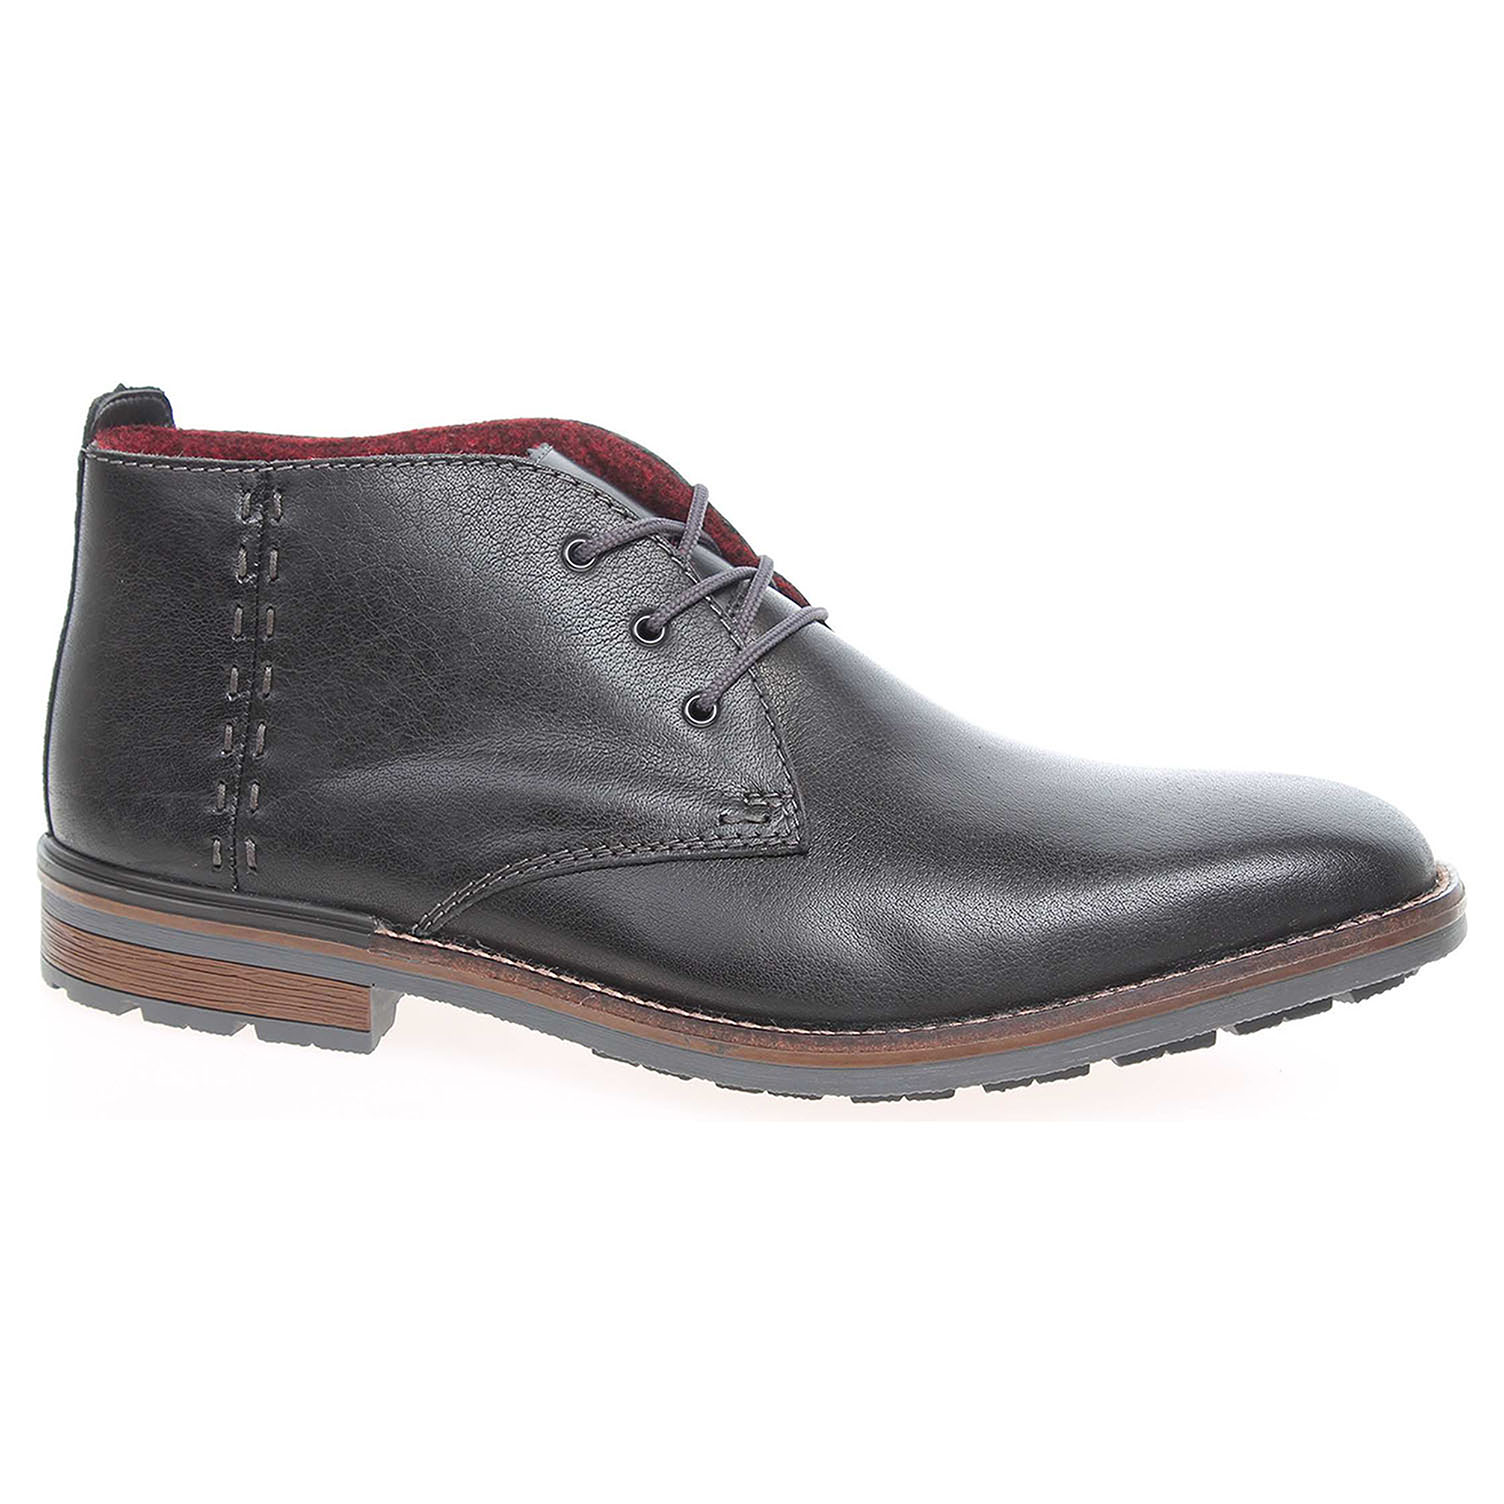 Pánská kotníková obuv Rieker F1311-00 černé 43